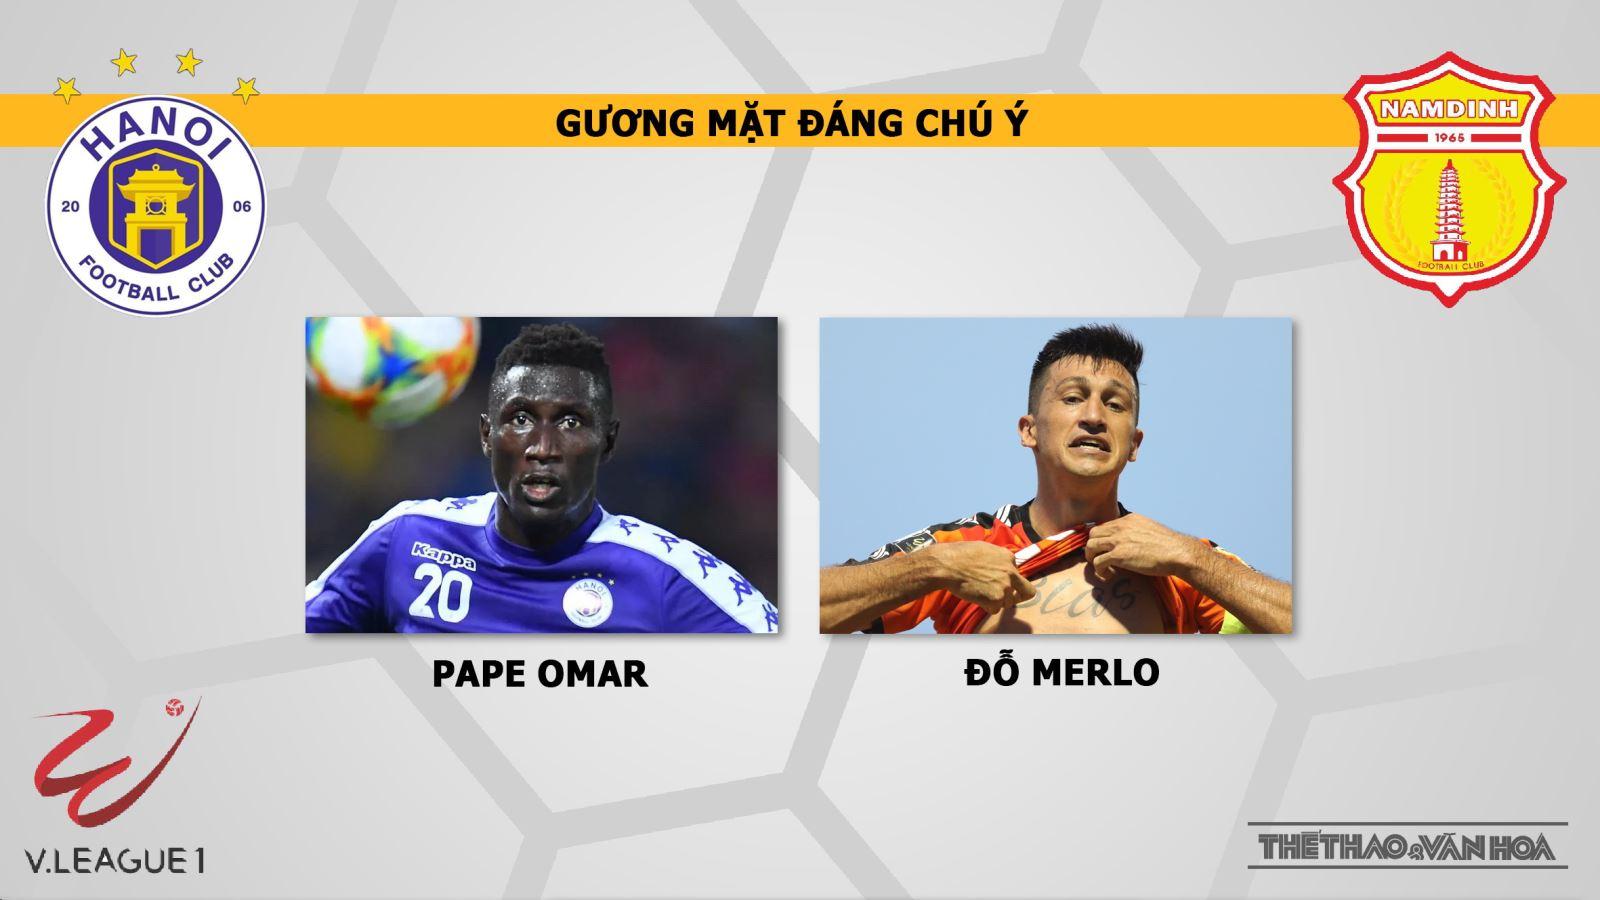 Hà Nội đấu với Nam Định, Hà Nội vs Nam Định, bóng đá, bong da, trực tiếp bóng đá, trực tiếp Hà Nội vs Nam Định, VTV5, VTV6, trực tiếp V League